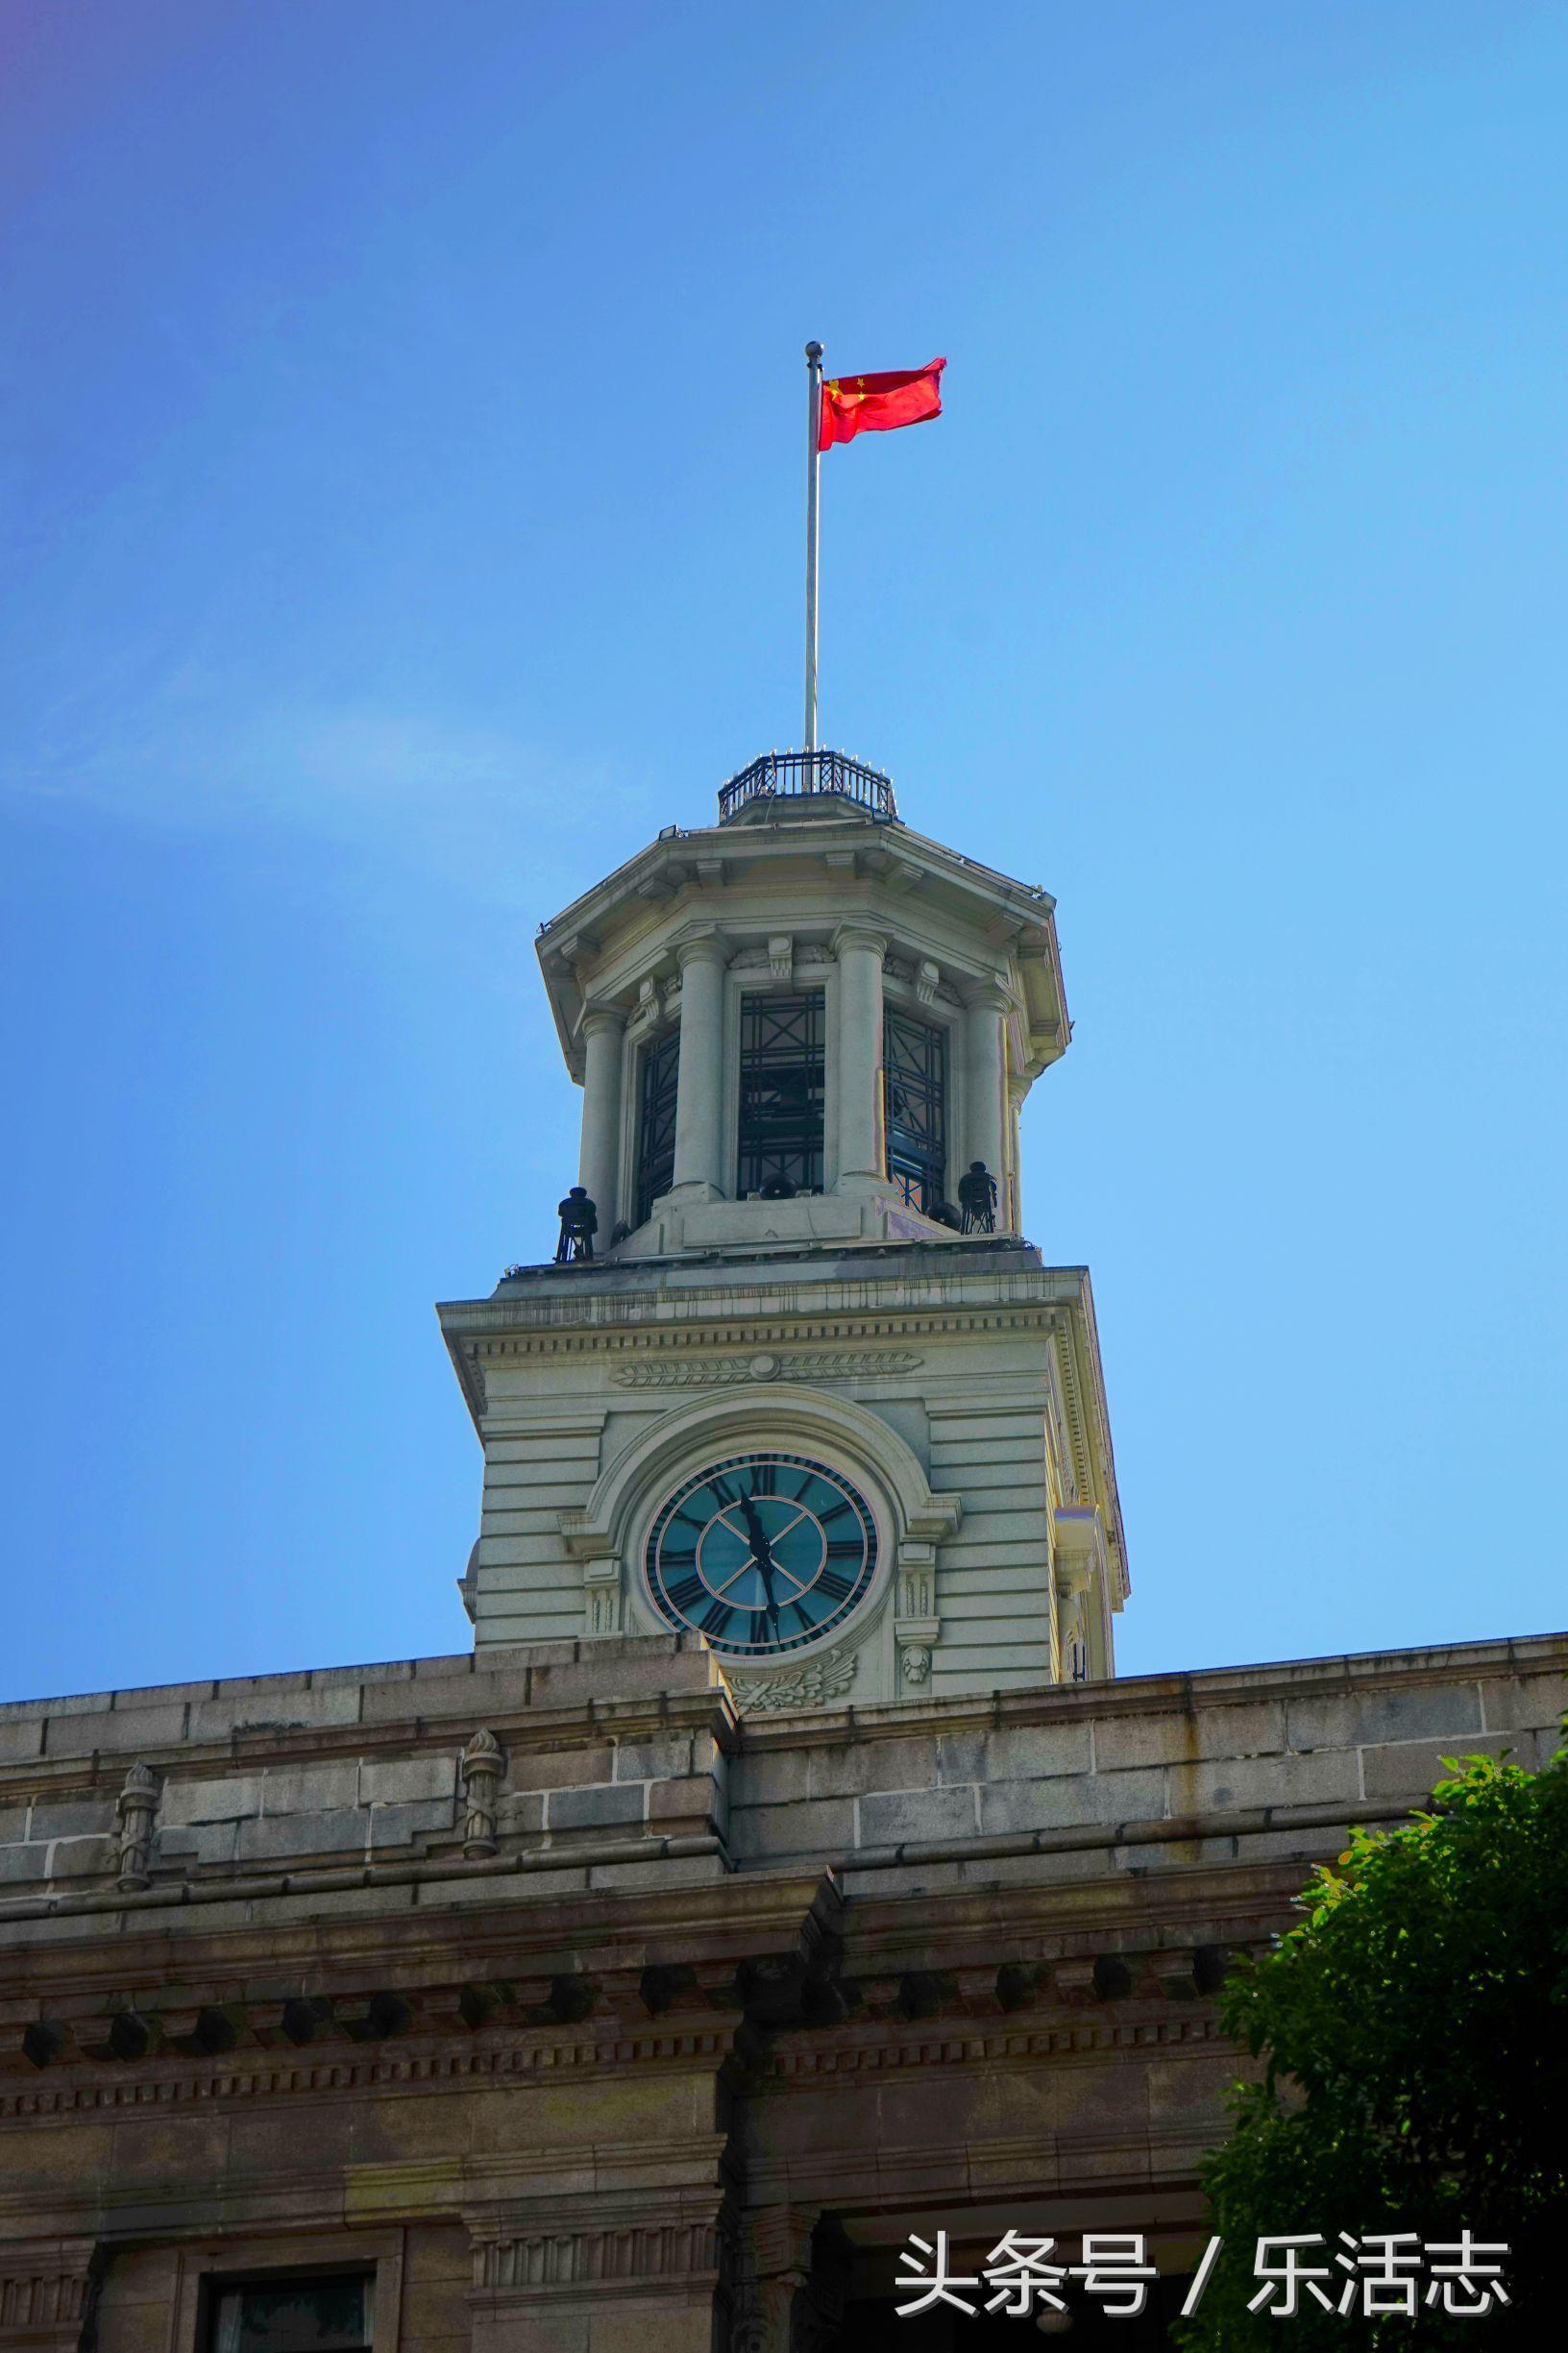 武汉江汉关博物馆,在这里可以了解汉口开埠到现在的历史发展历程